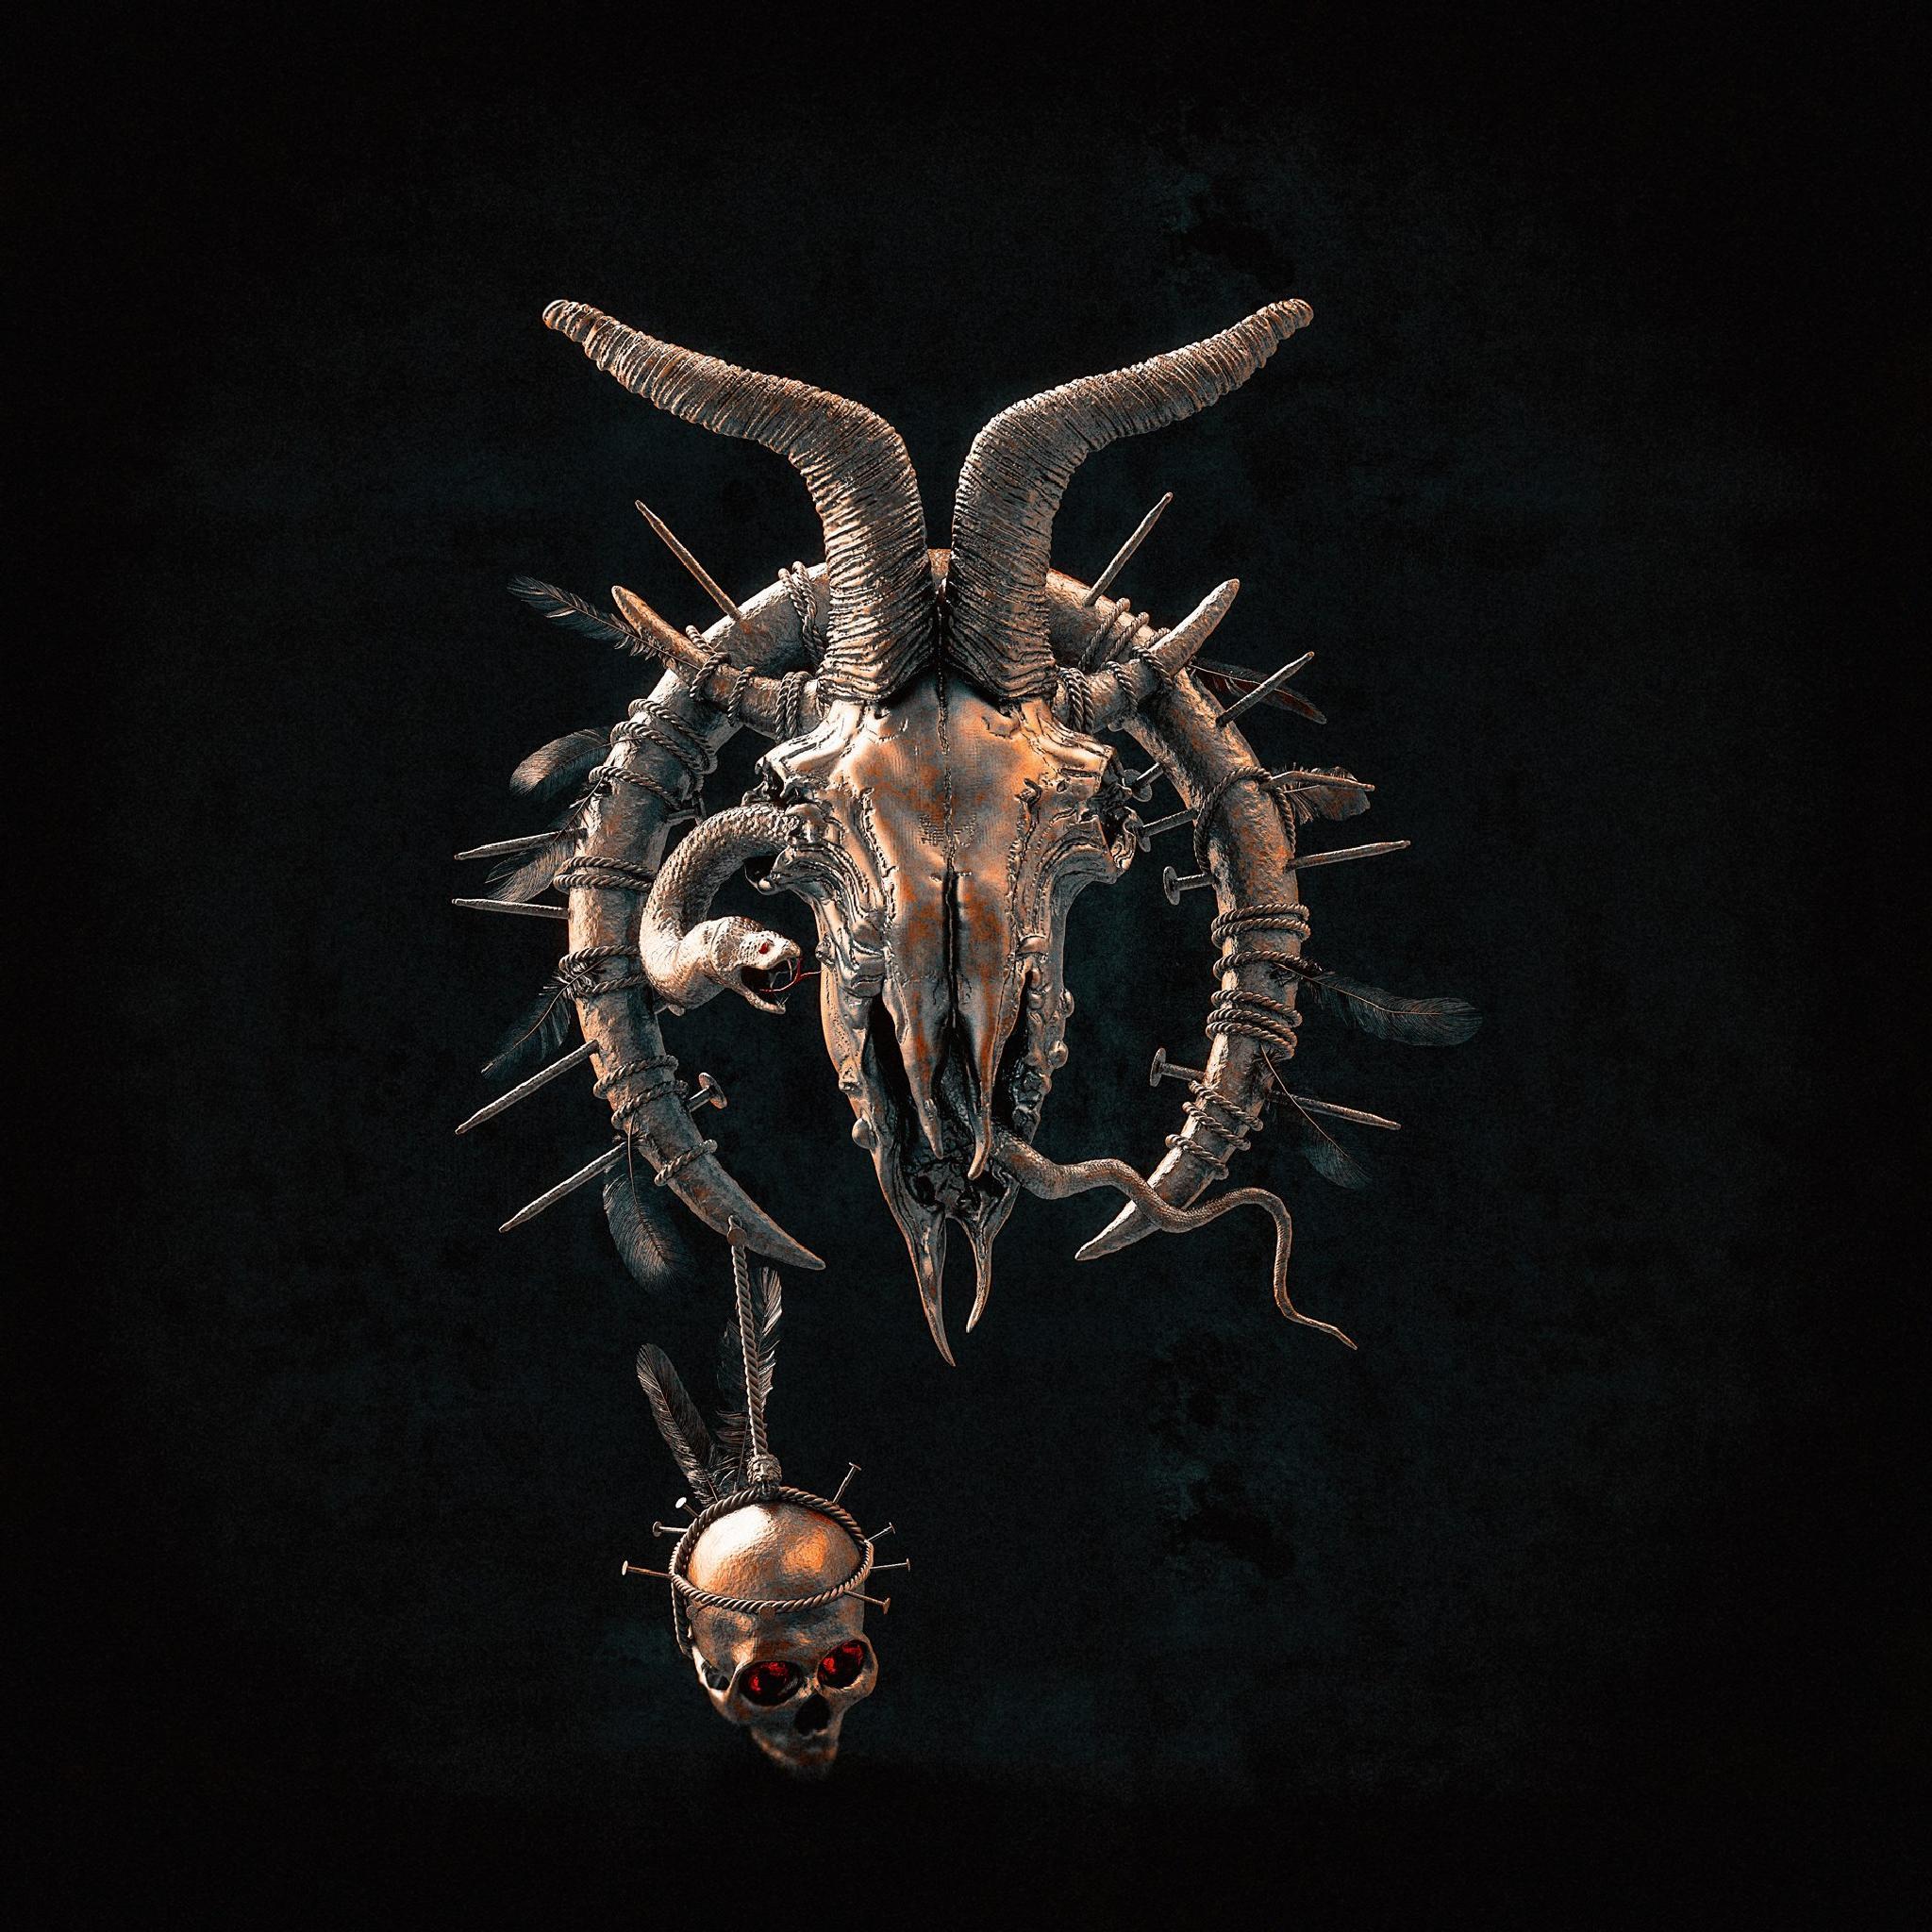 Skull by Oliver Kieser